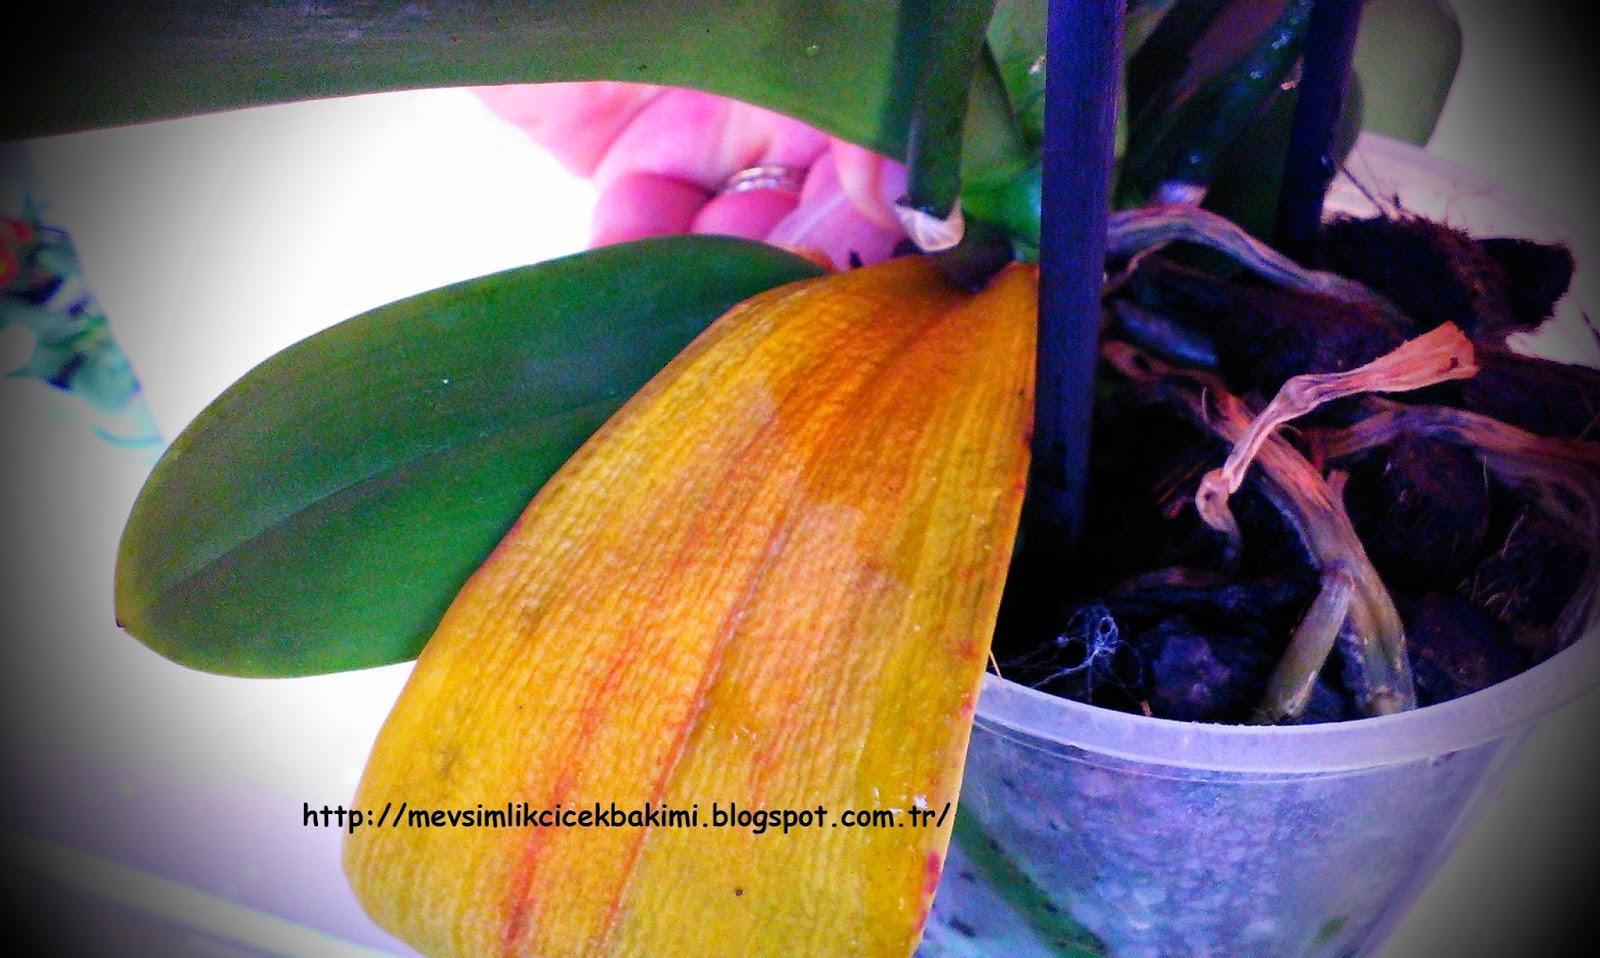 Bahçecilik Sırları: sonbaharda gozbakır dikmek 86